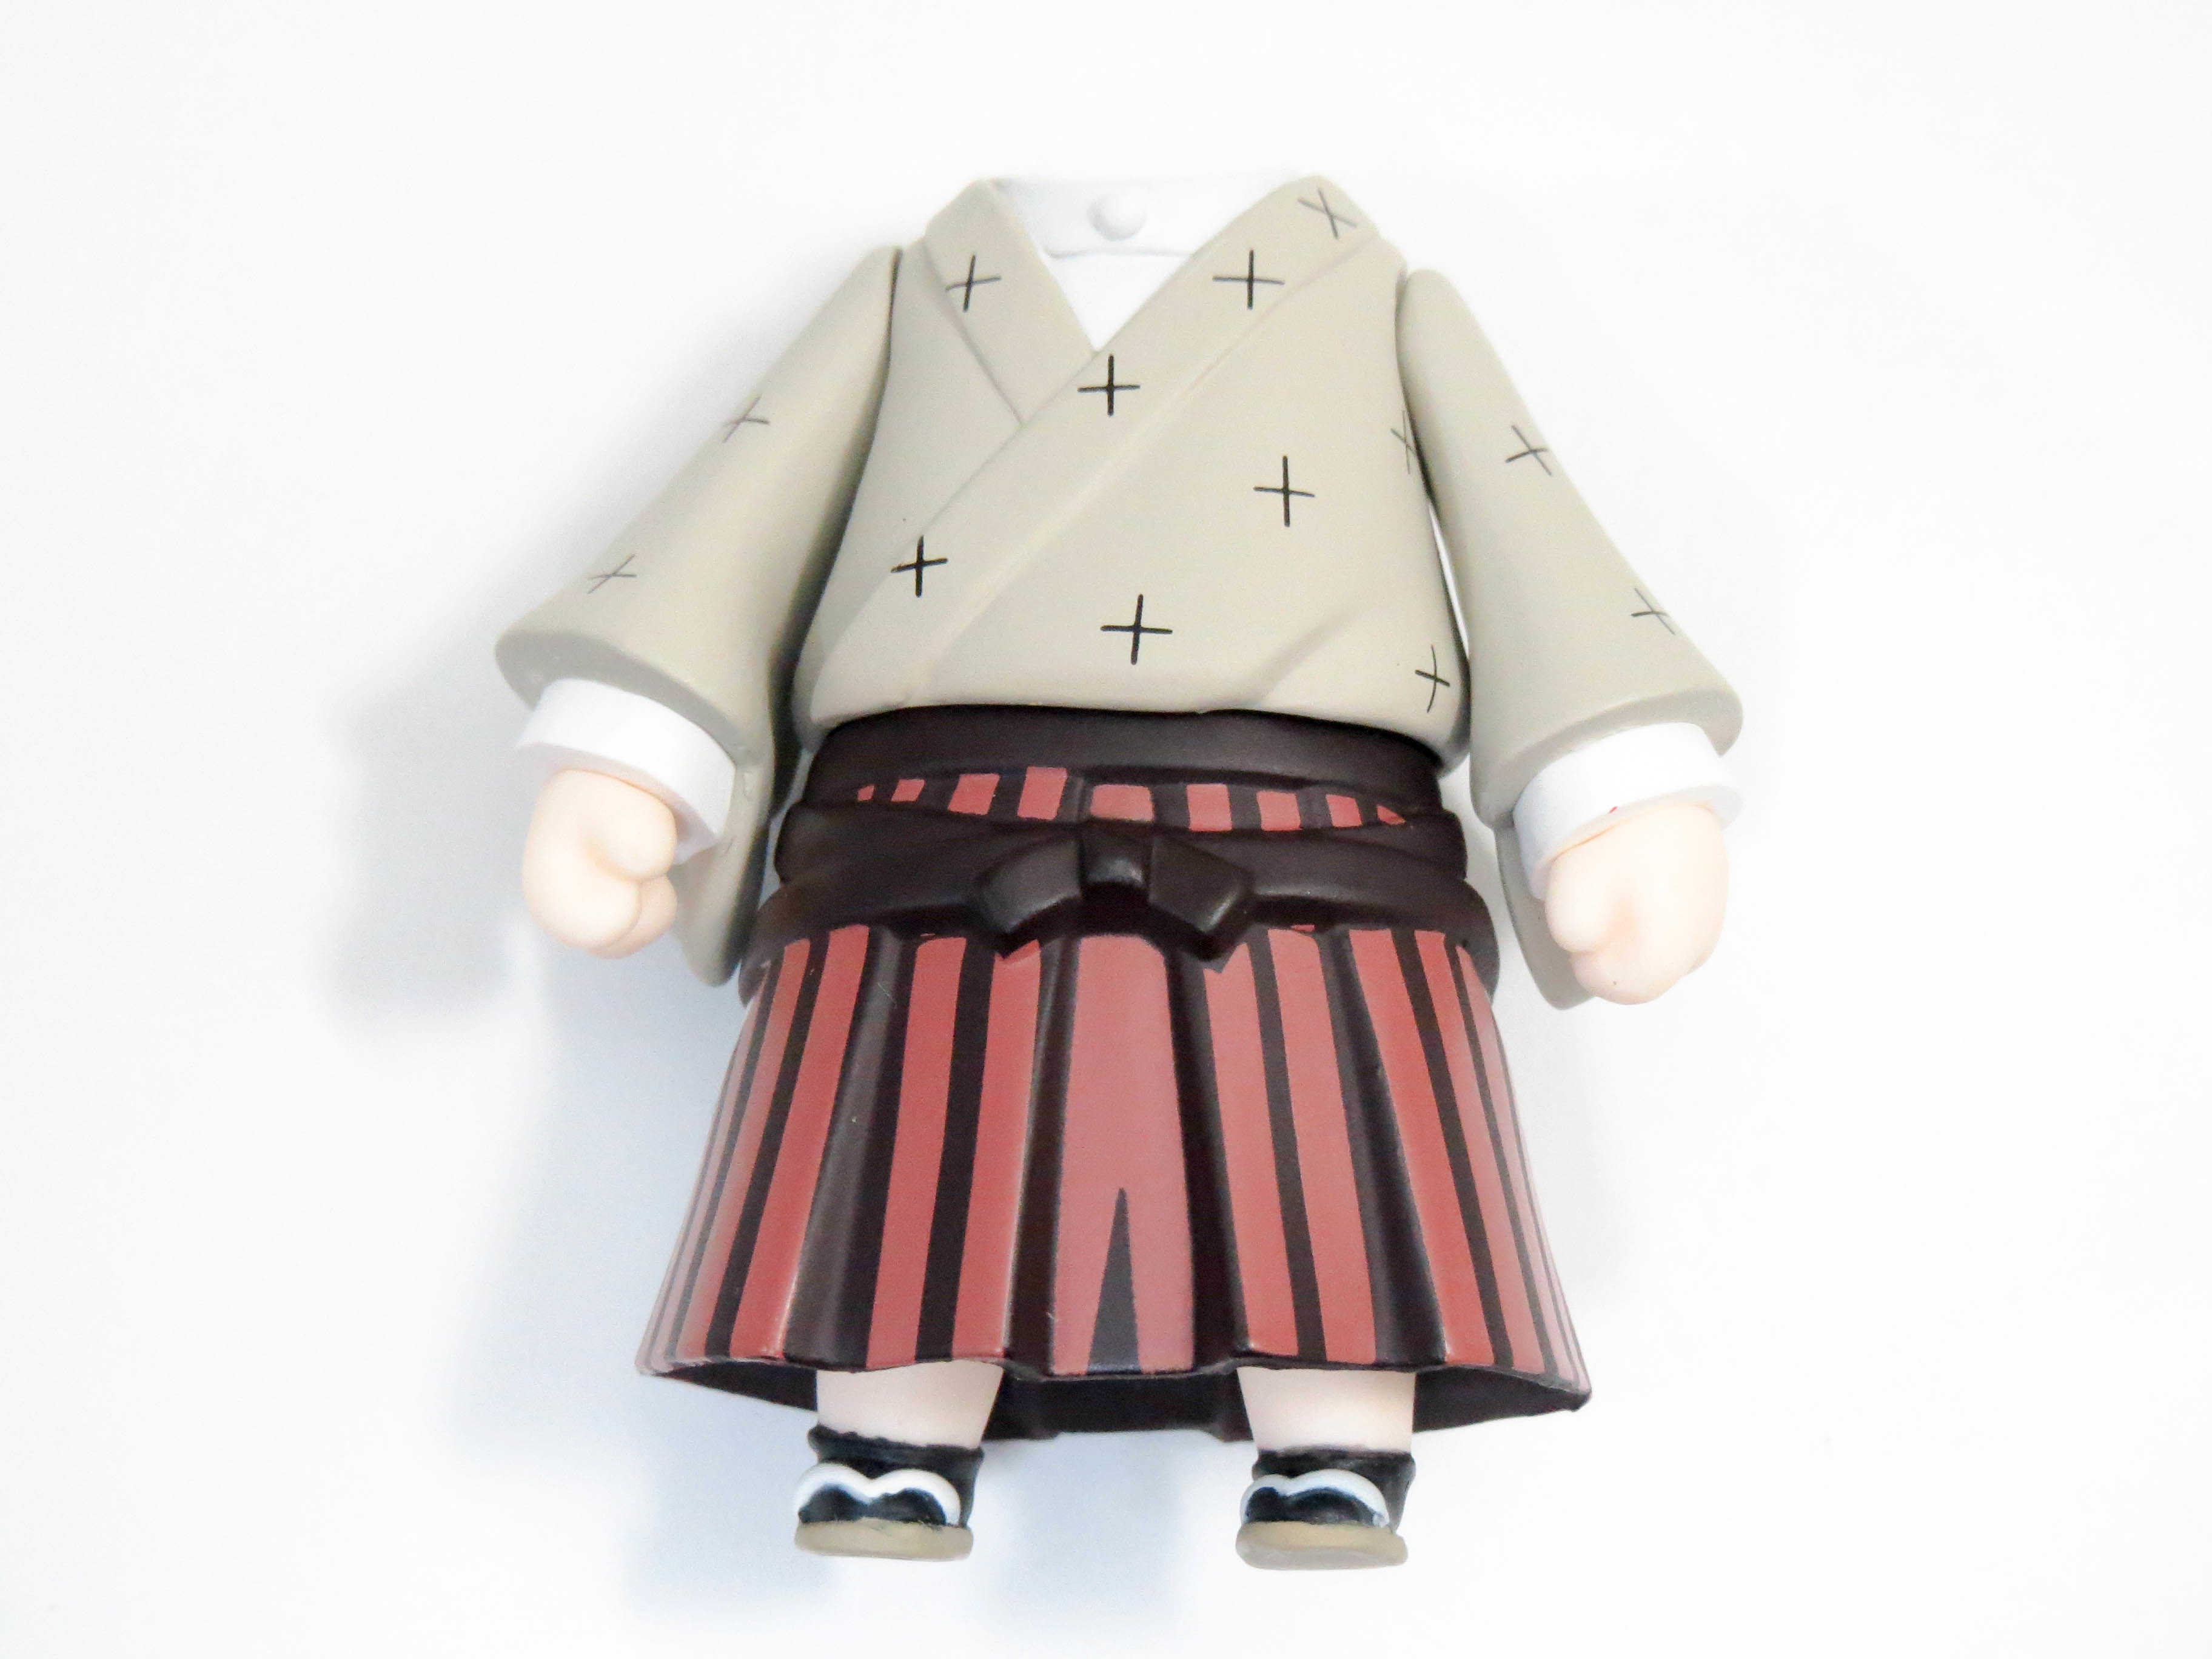 【342a】 糸色望 1.5 体パーツ 袴 ねんどろいど